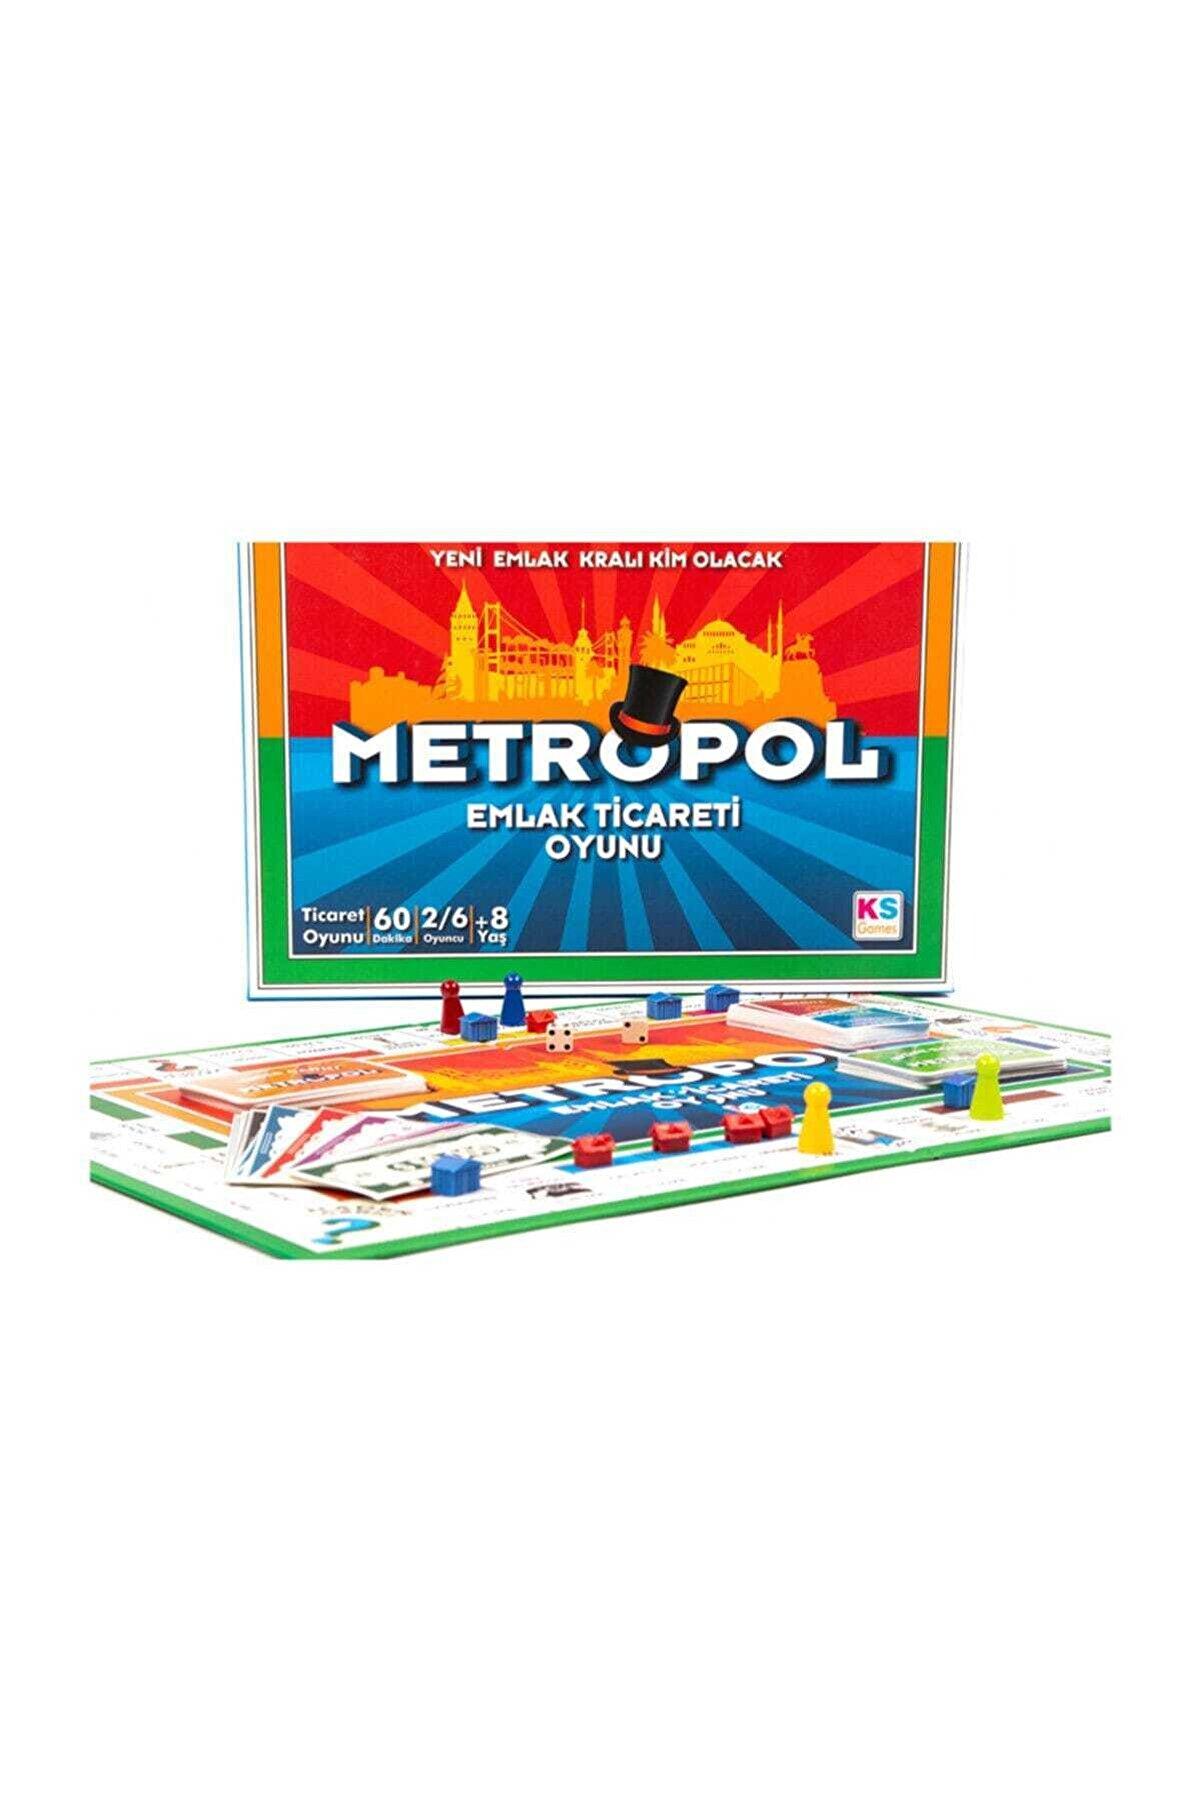 Ks Games Ks Game Metropol Emlak Ticareti Oyunu T127